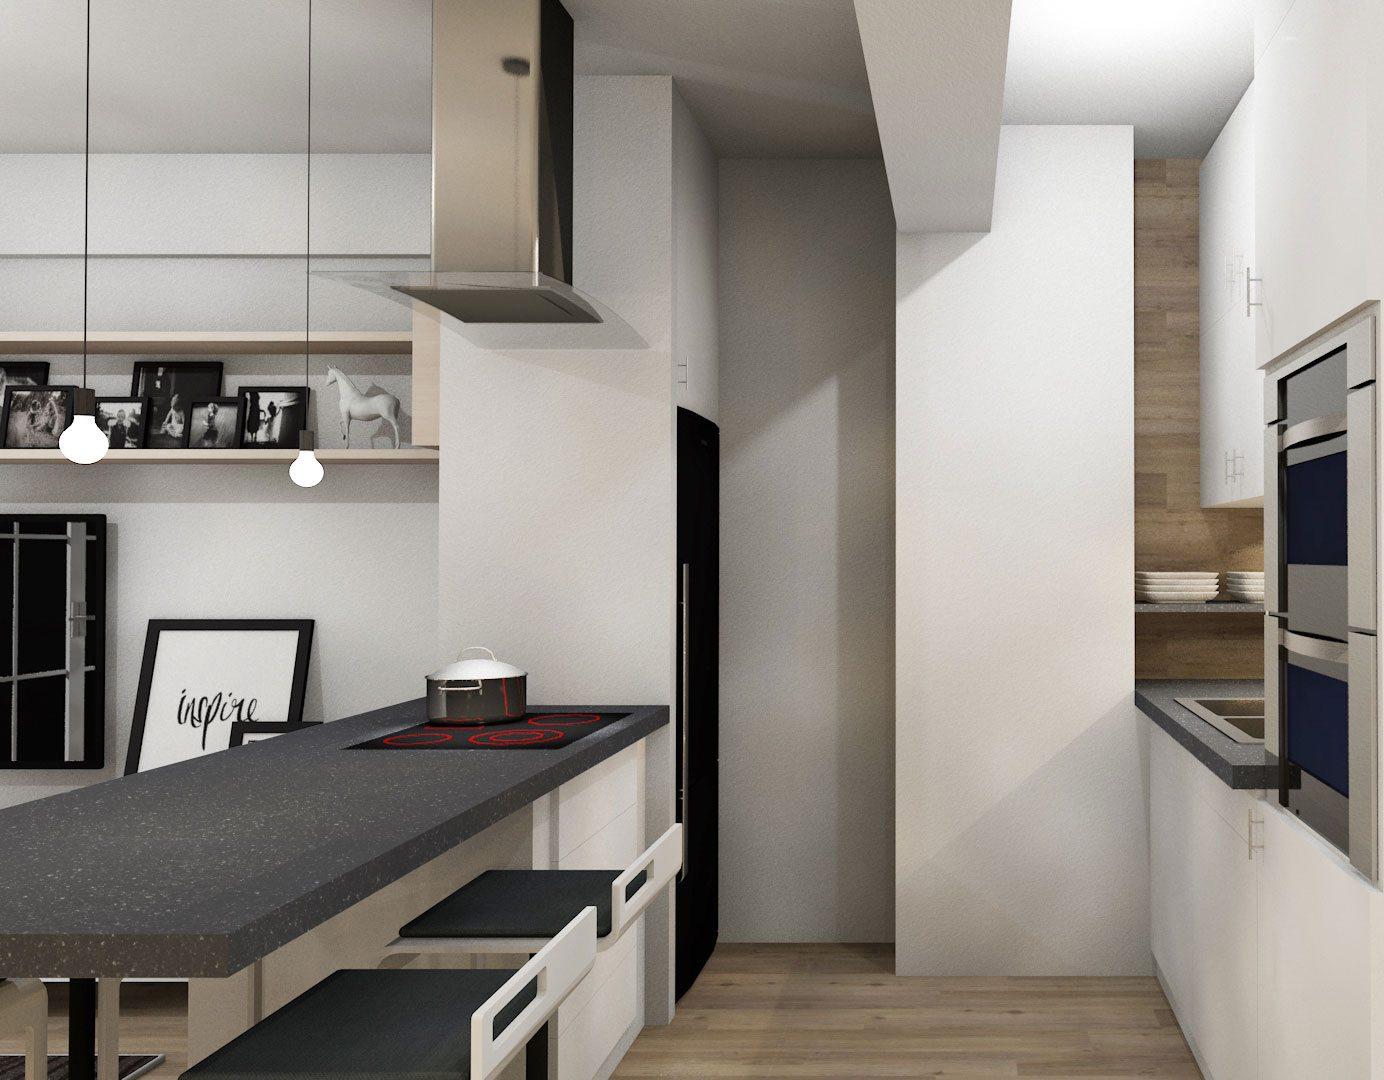 archicostudio_ren-kn16_kitchen